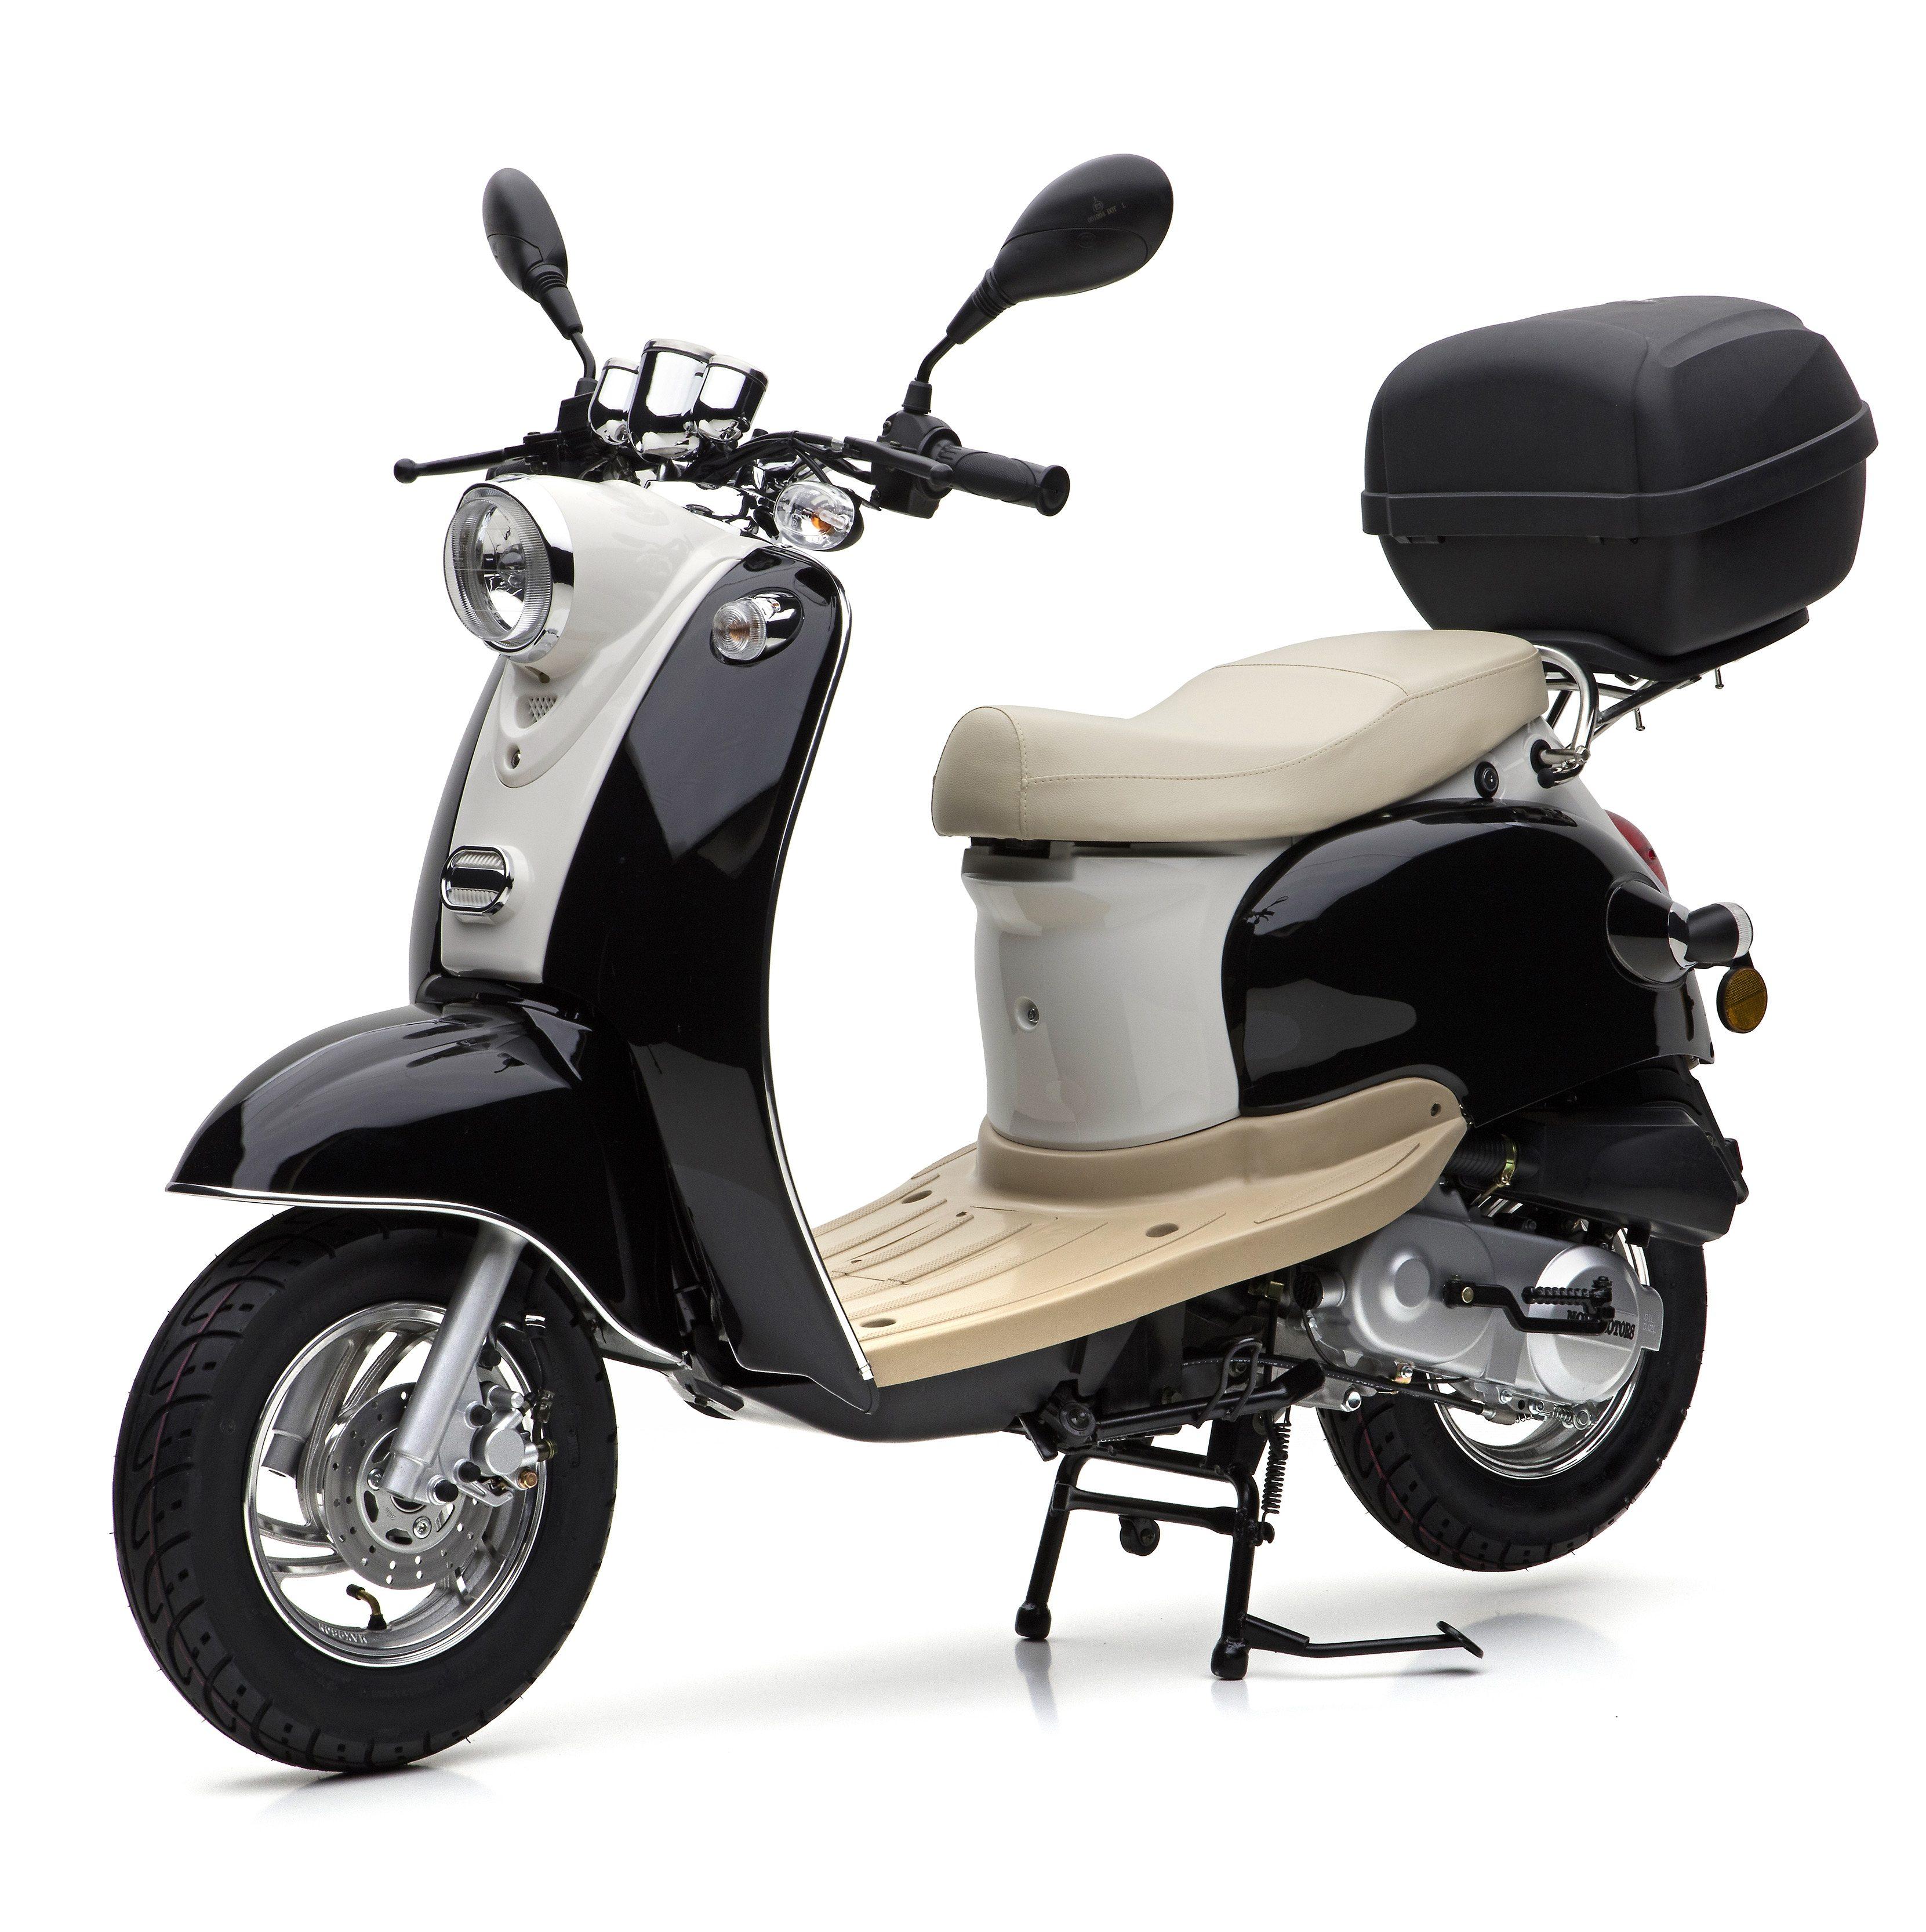 Nova Motors Mofaroller inkl. Topcase, 49 ccm, 25 km/h, schwarz weiß, »Venezia II«